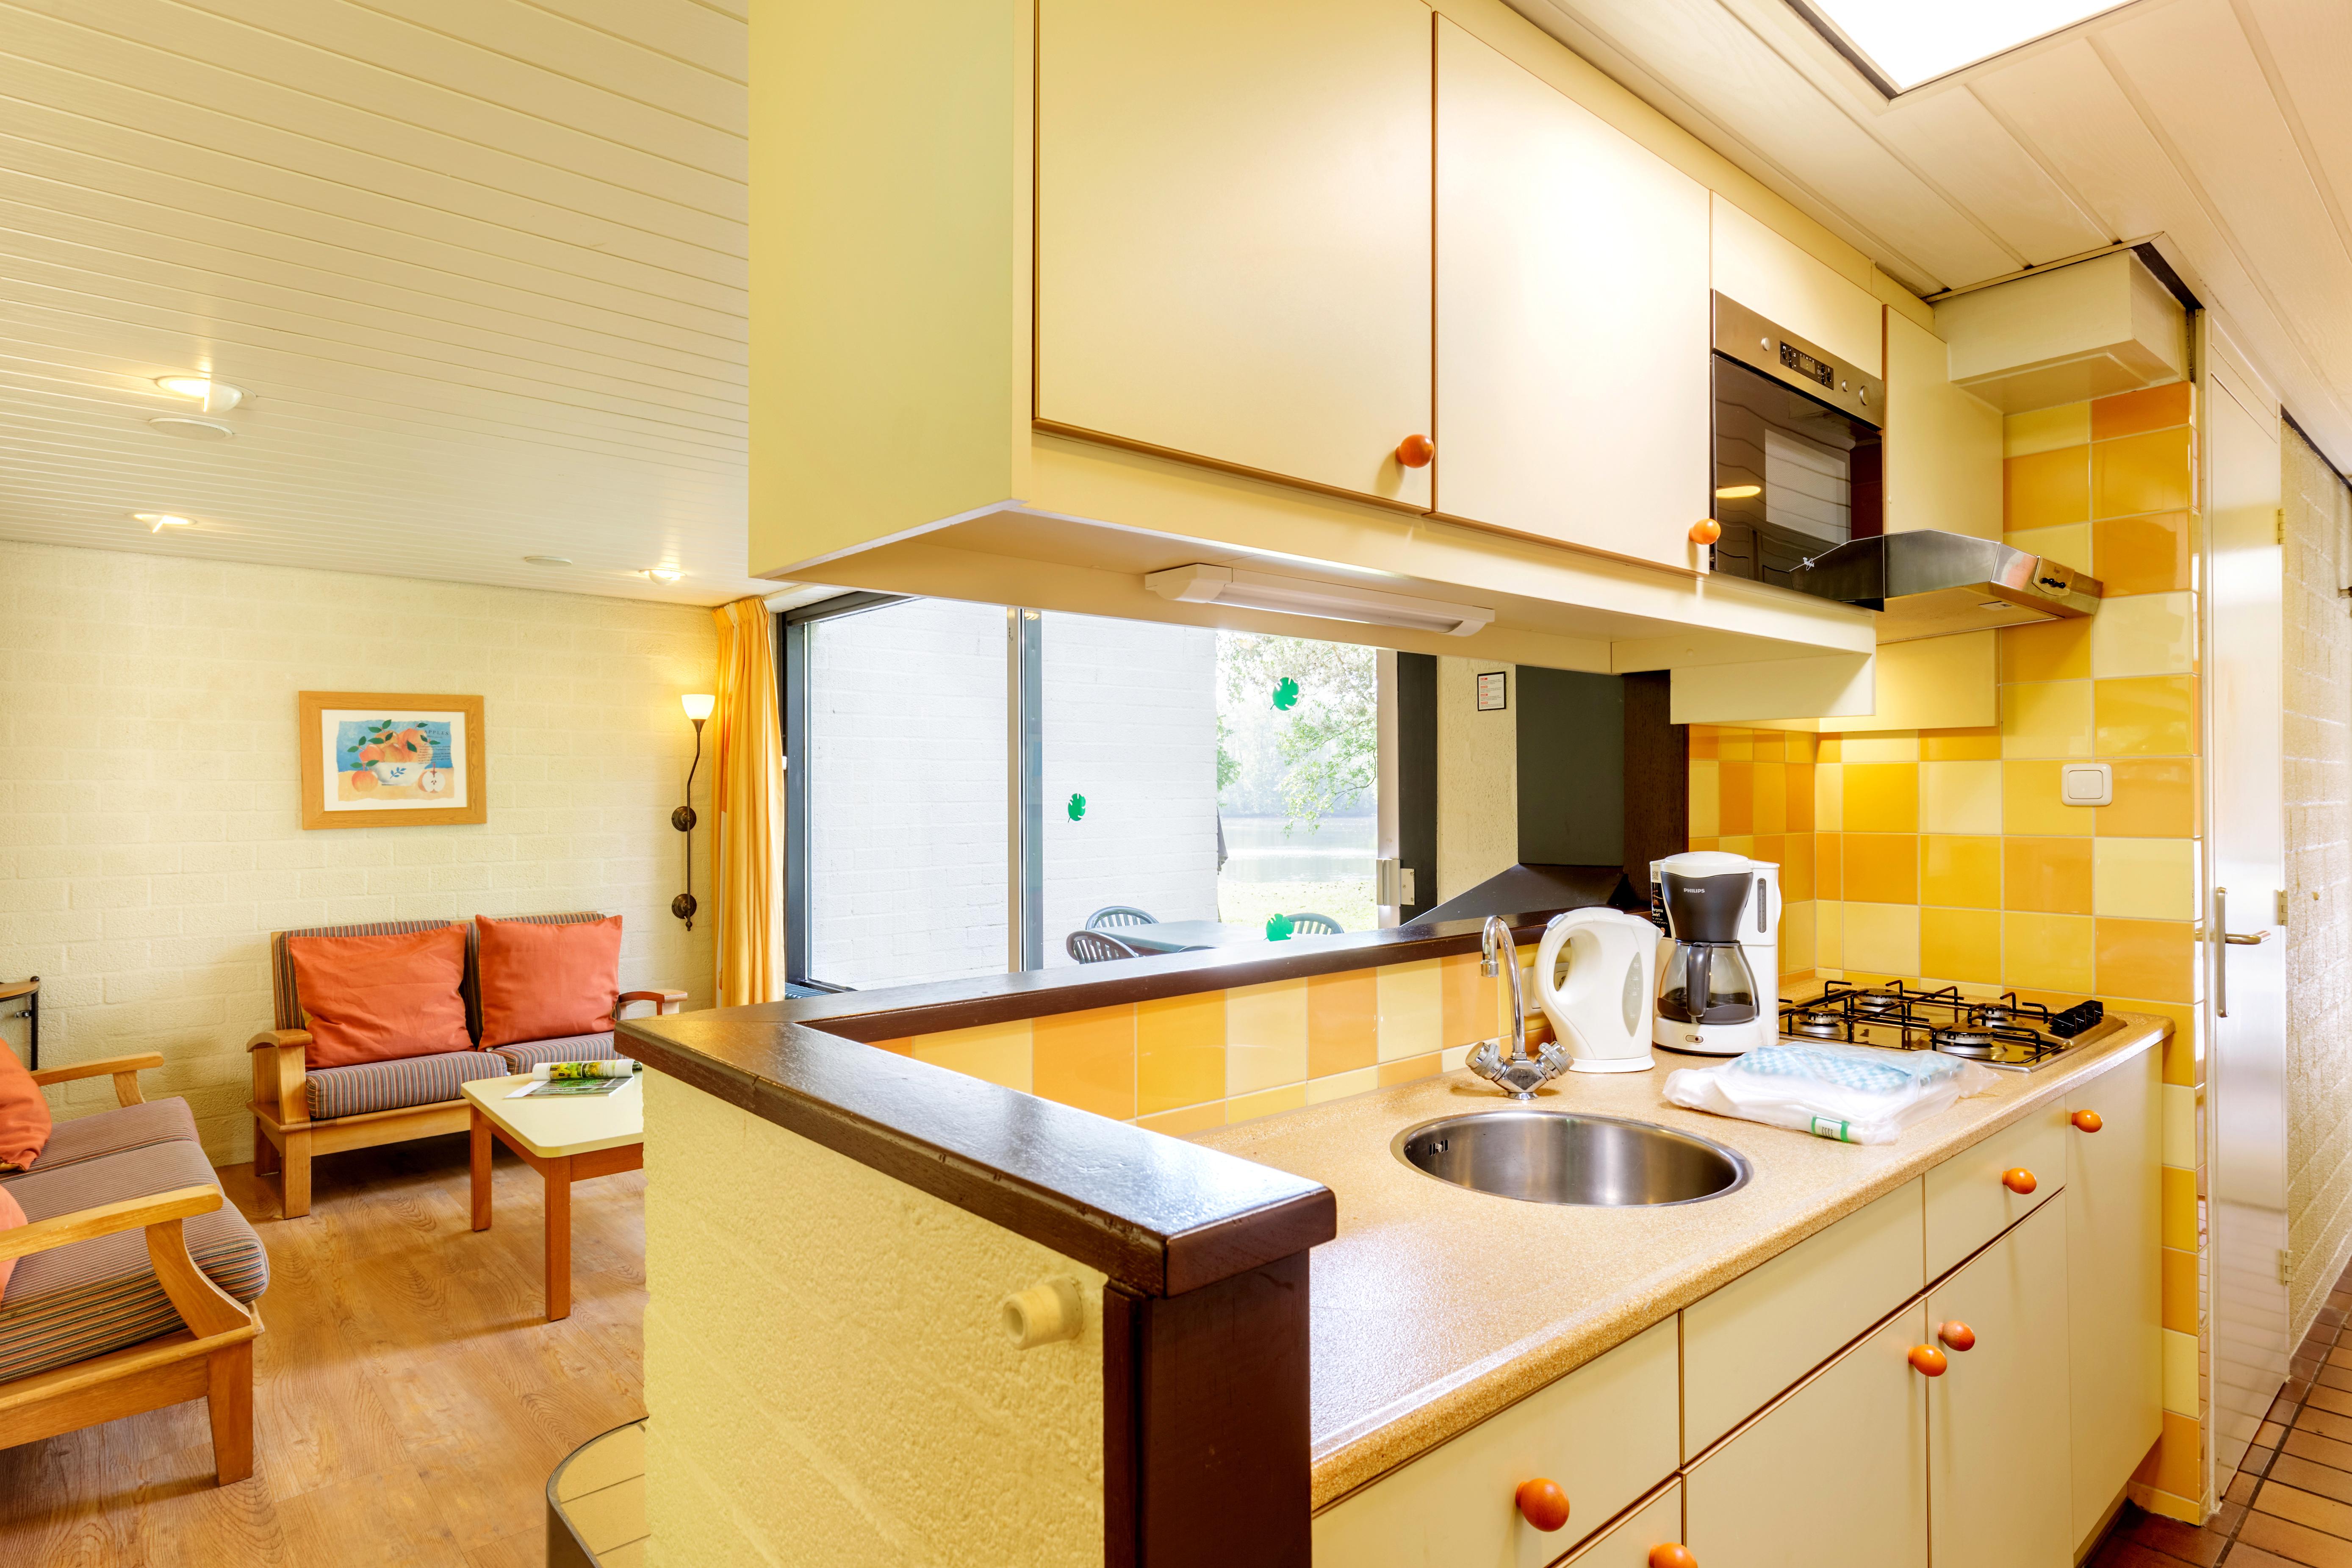 Ferienhaus Center Parcs  De Huttenheugte - cottage 6 persons Comfort (2639183), Dalen (NL), , Drenthe, Niederlande, Bild 3